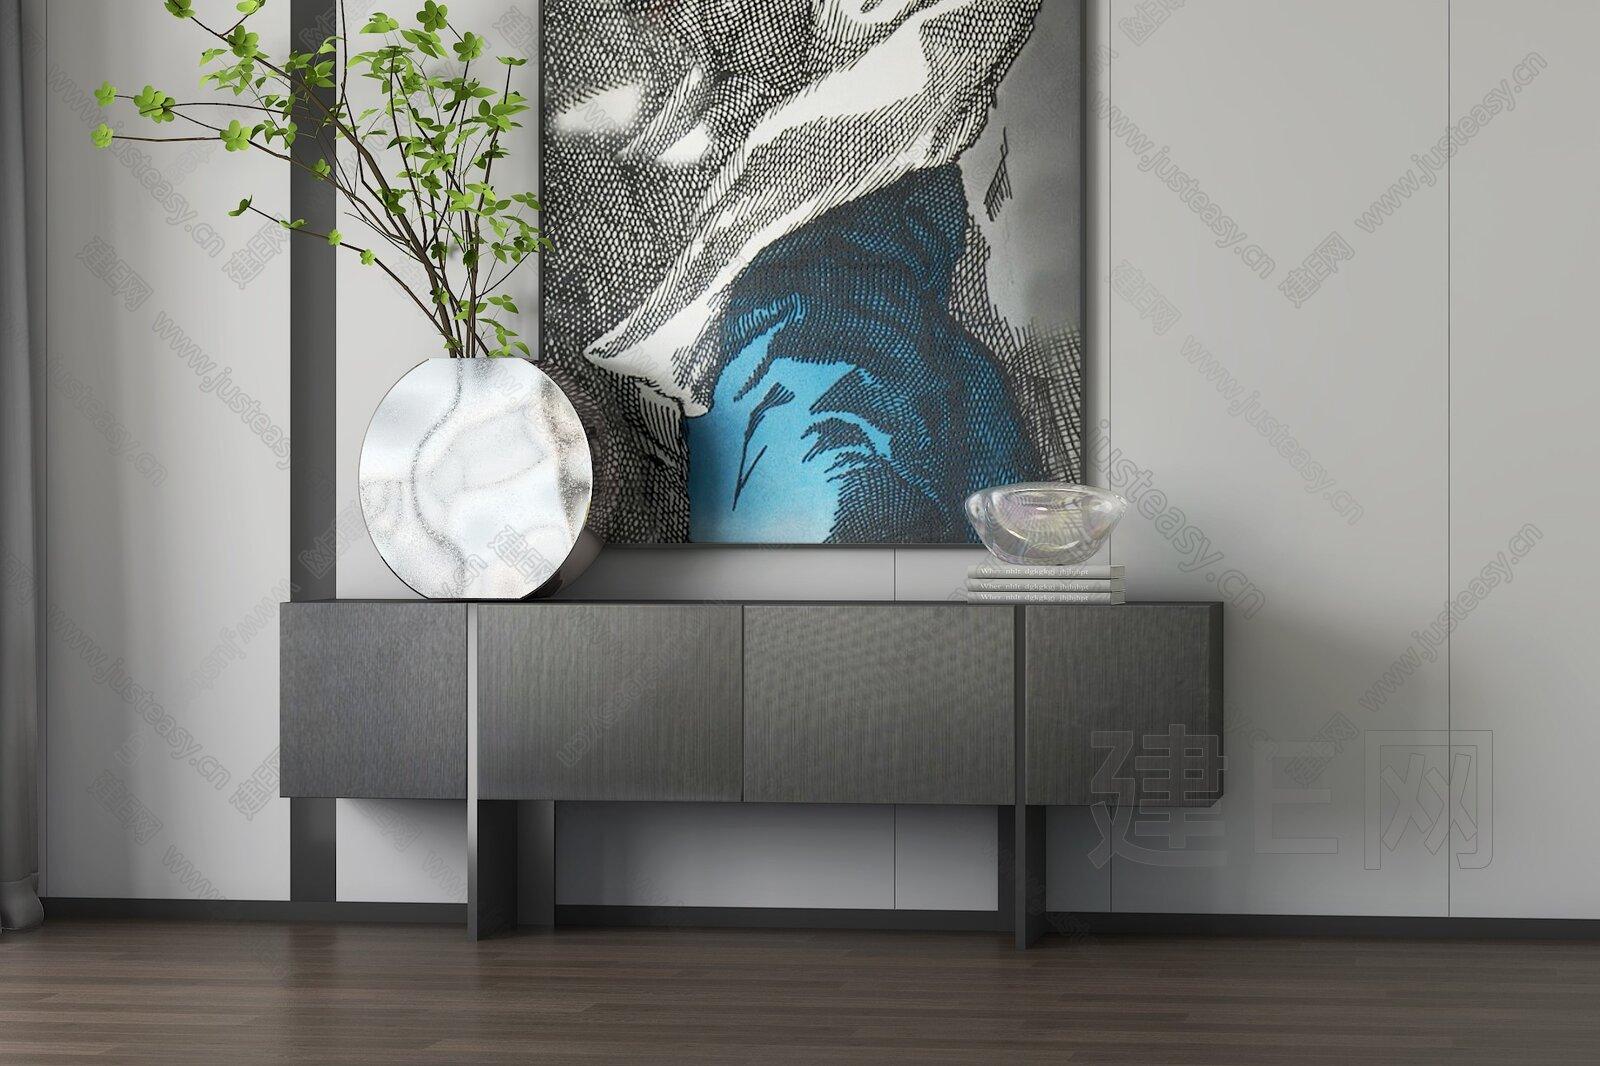 现代电视柜桌面摆件组合 3d模型